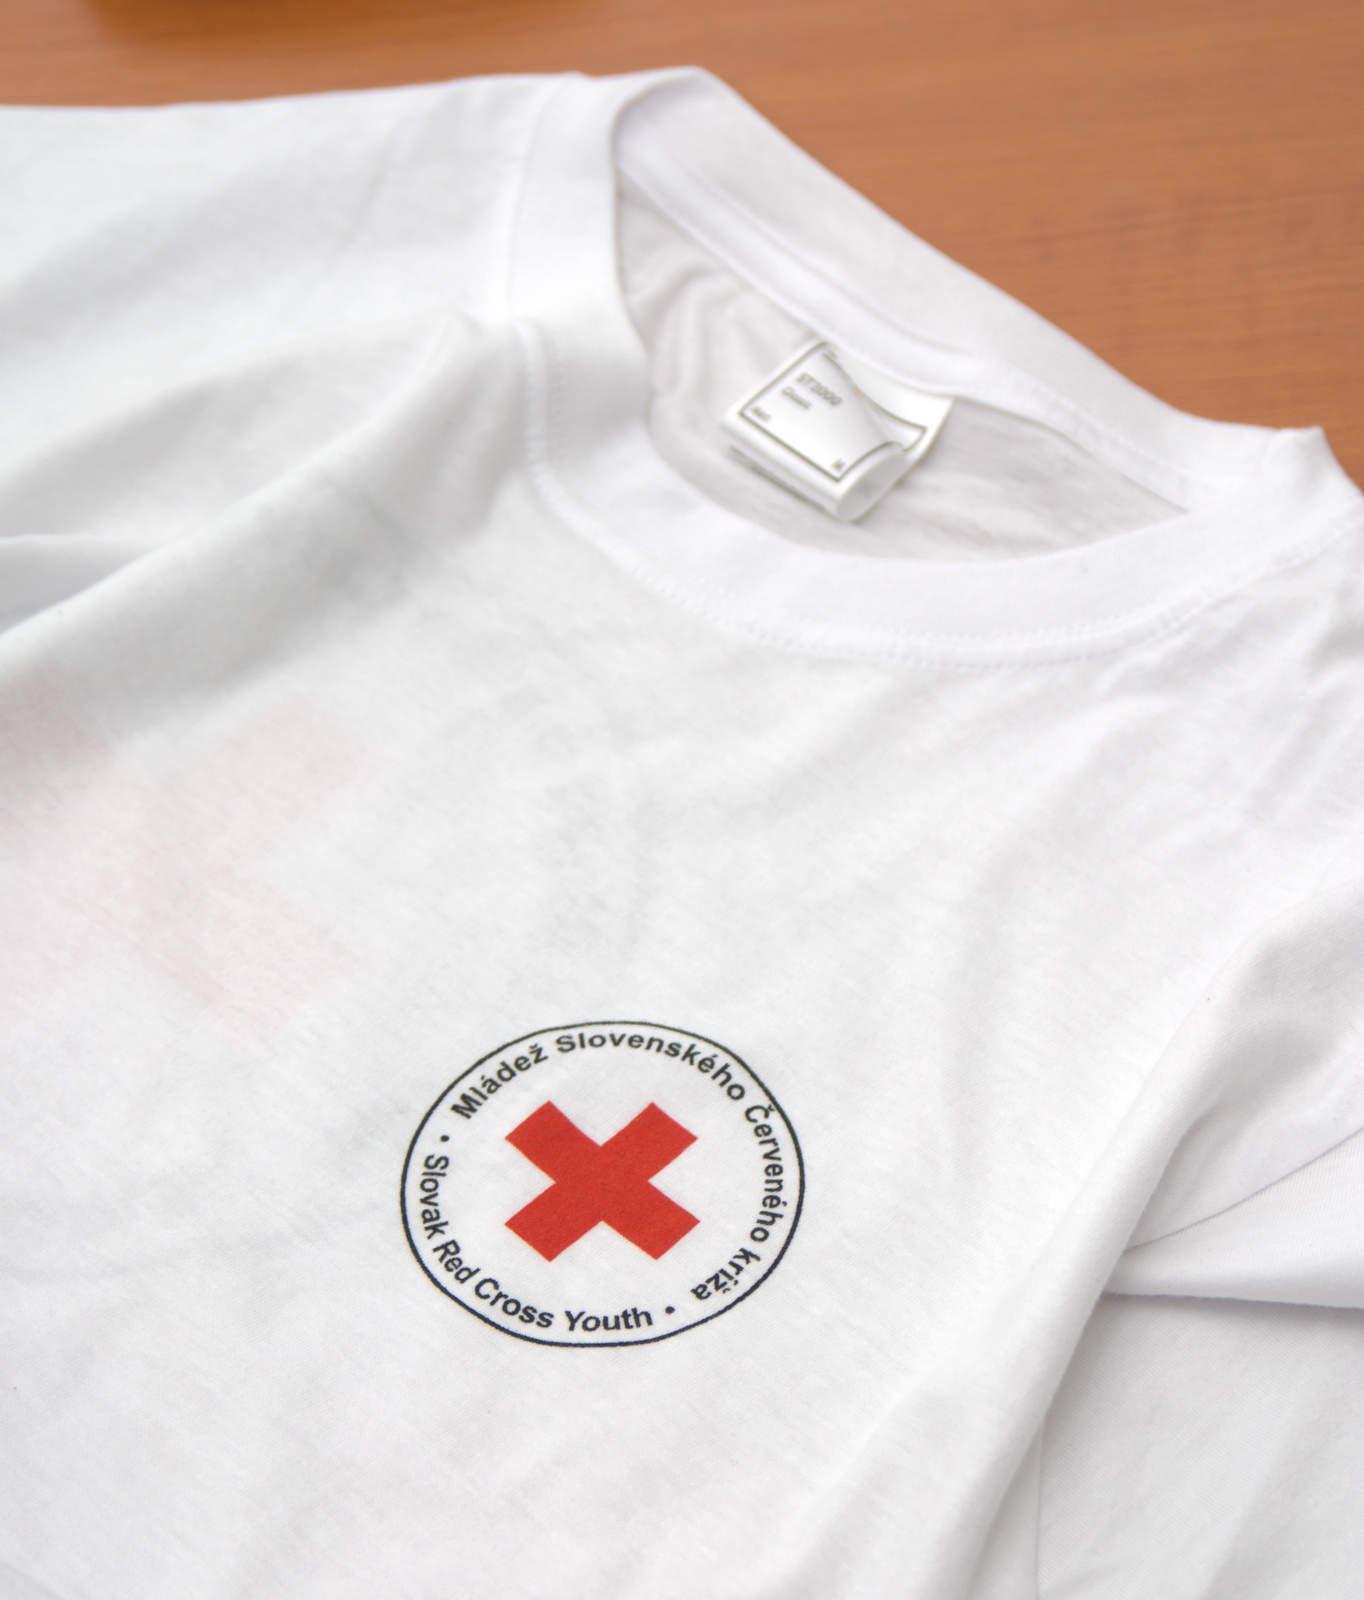 43f8abeebc4f Mládež červeného kríža sa potešila novým bielym tričkám